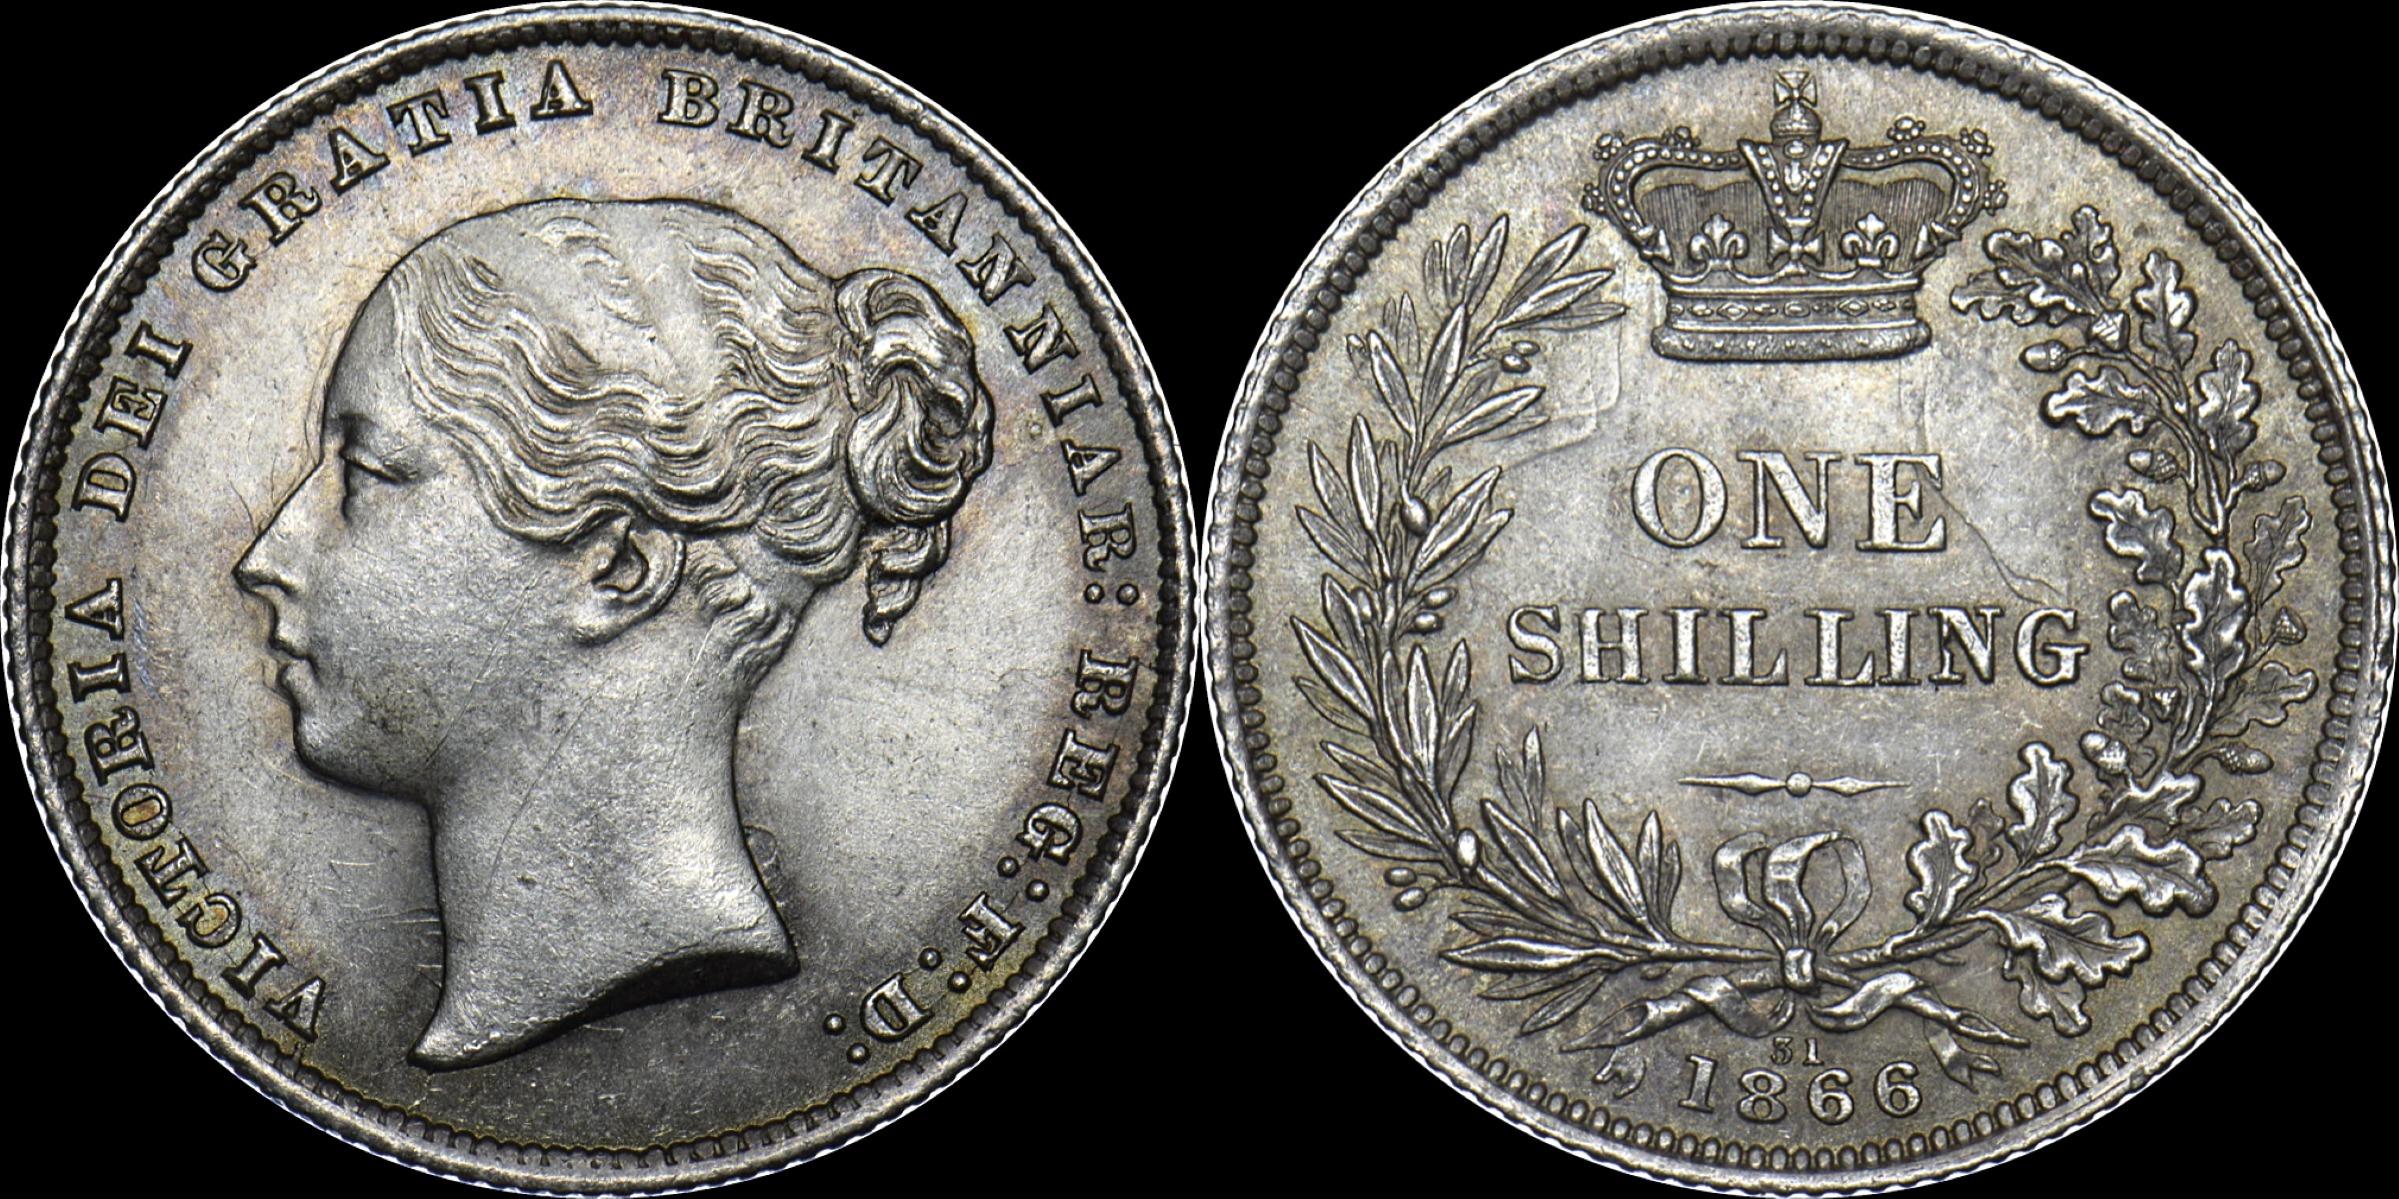 1866_sh_die_31_01_ref_01965_01_sellers_the_coin_king.jpg